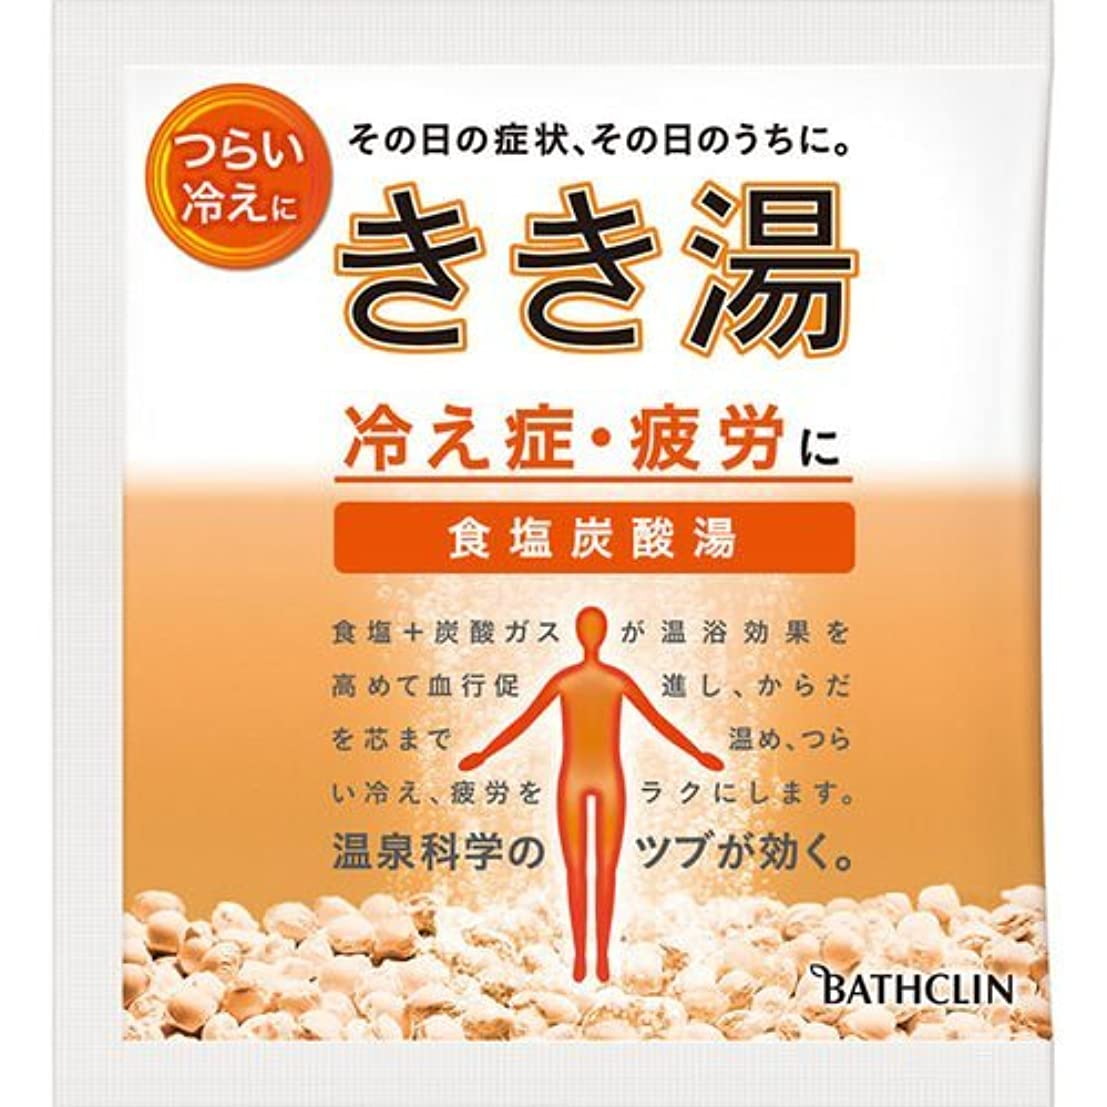 示す練習した忠実にきき湯 食塩炭酸湯 30g 分包[医薬部外品]